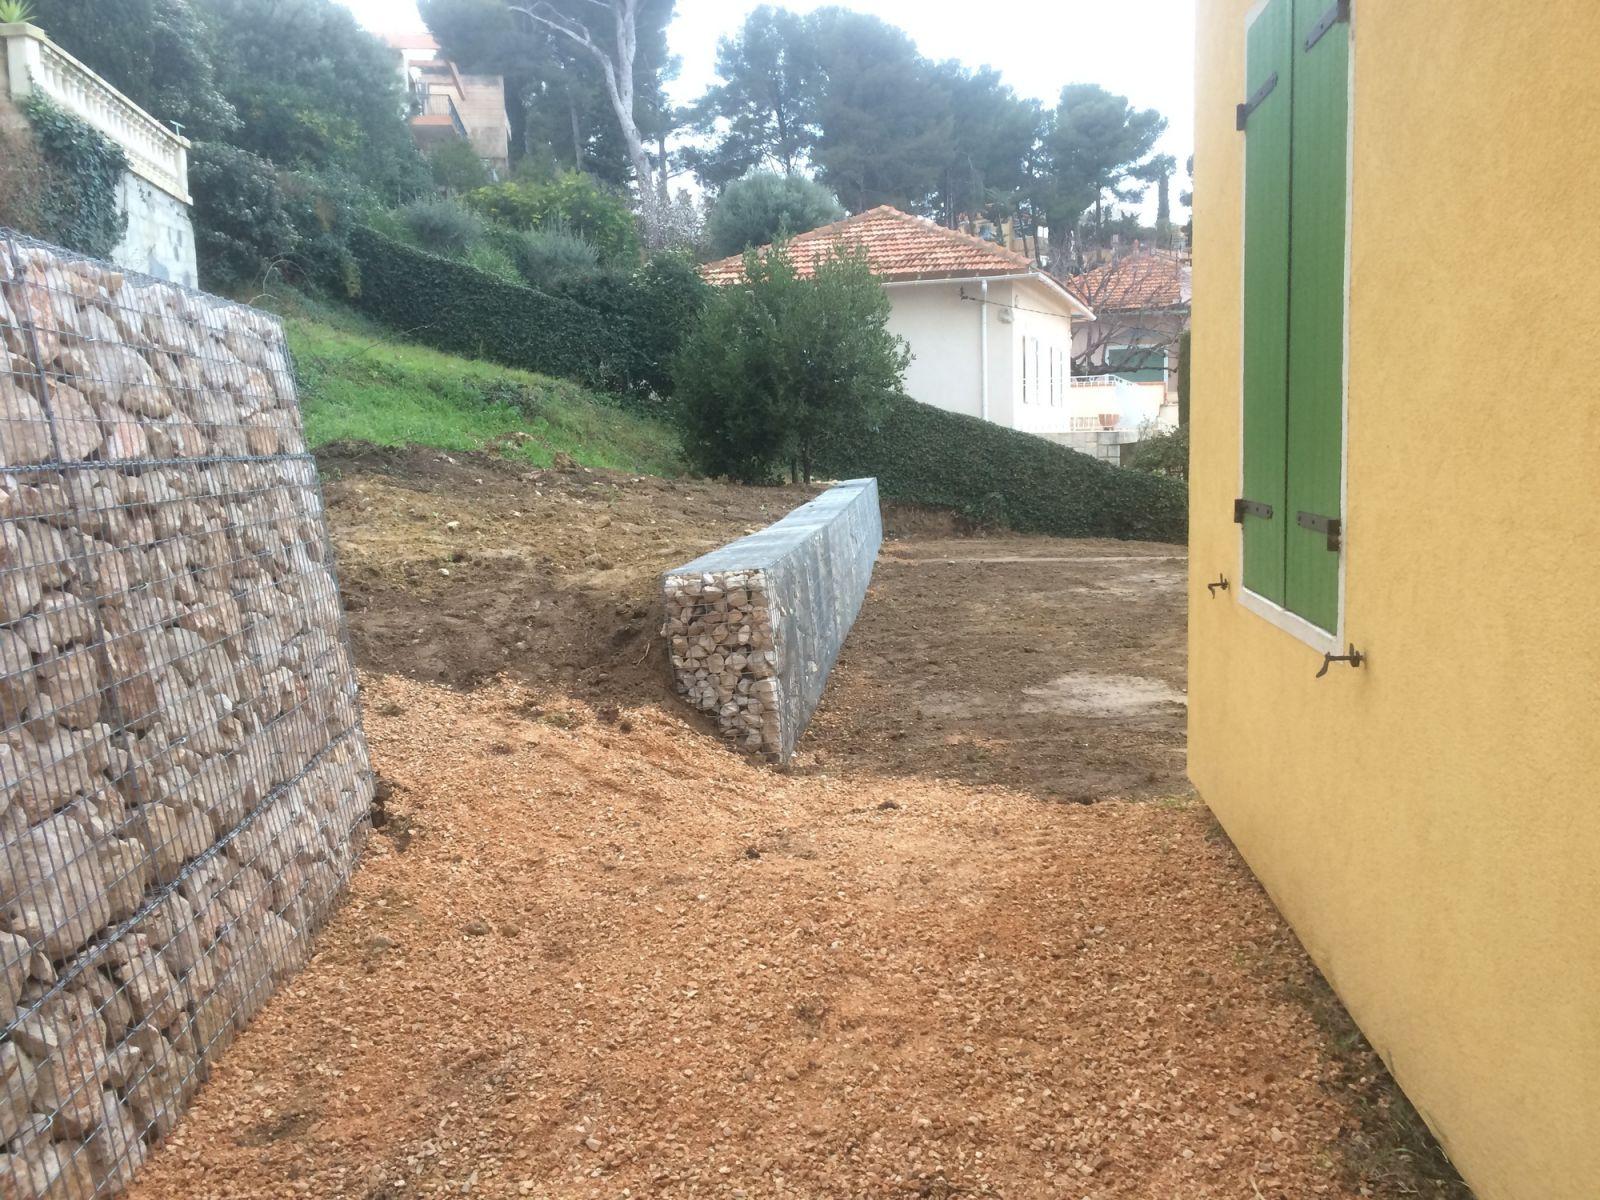 Installation de mur de sout nement en gabion carry le - Mur soutenement gabion ...